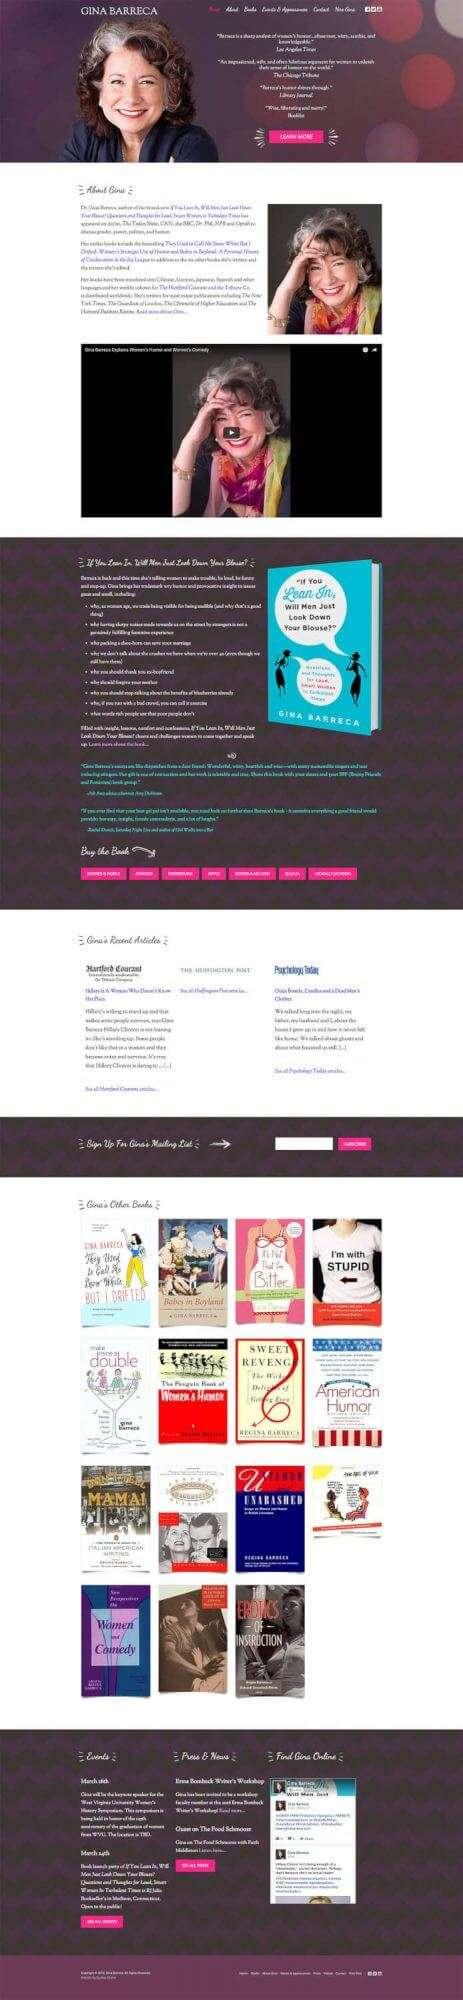 Gina Barreca Author Website